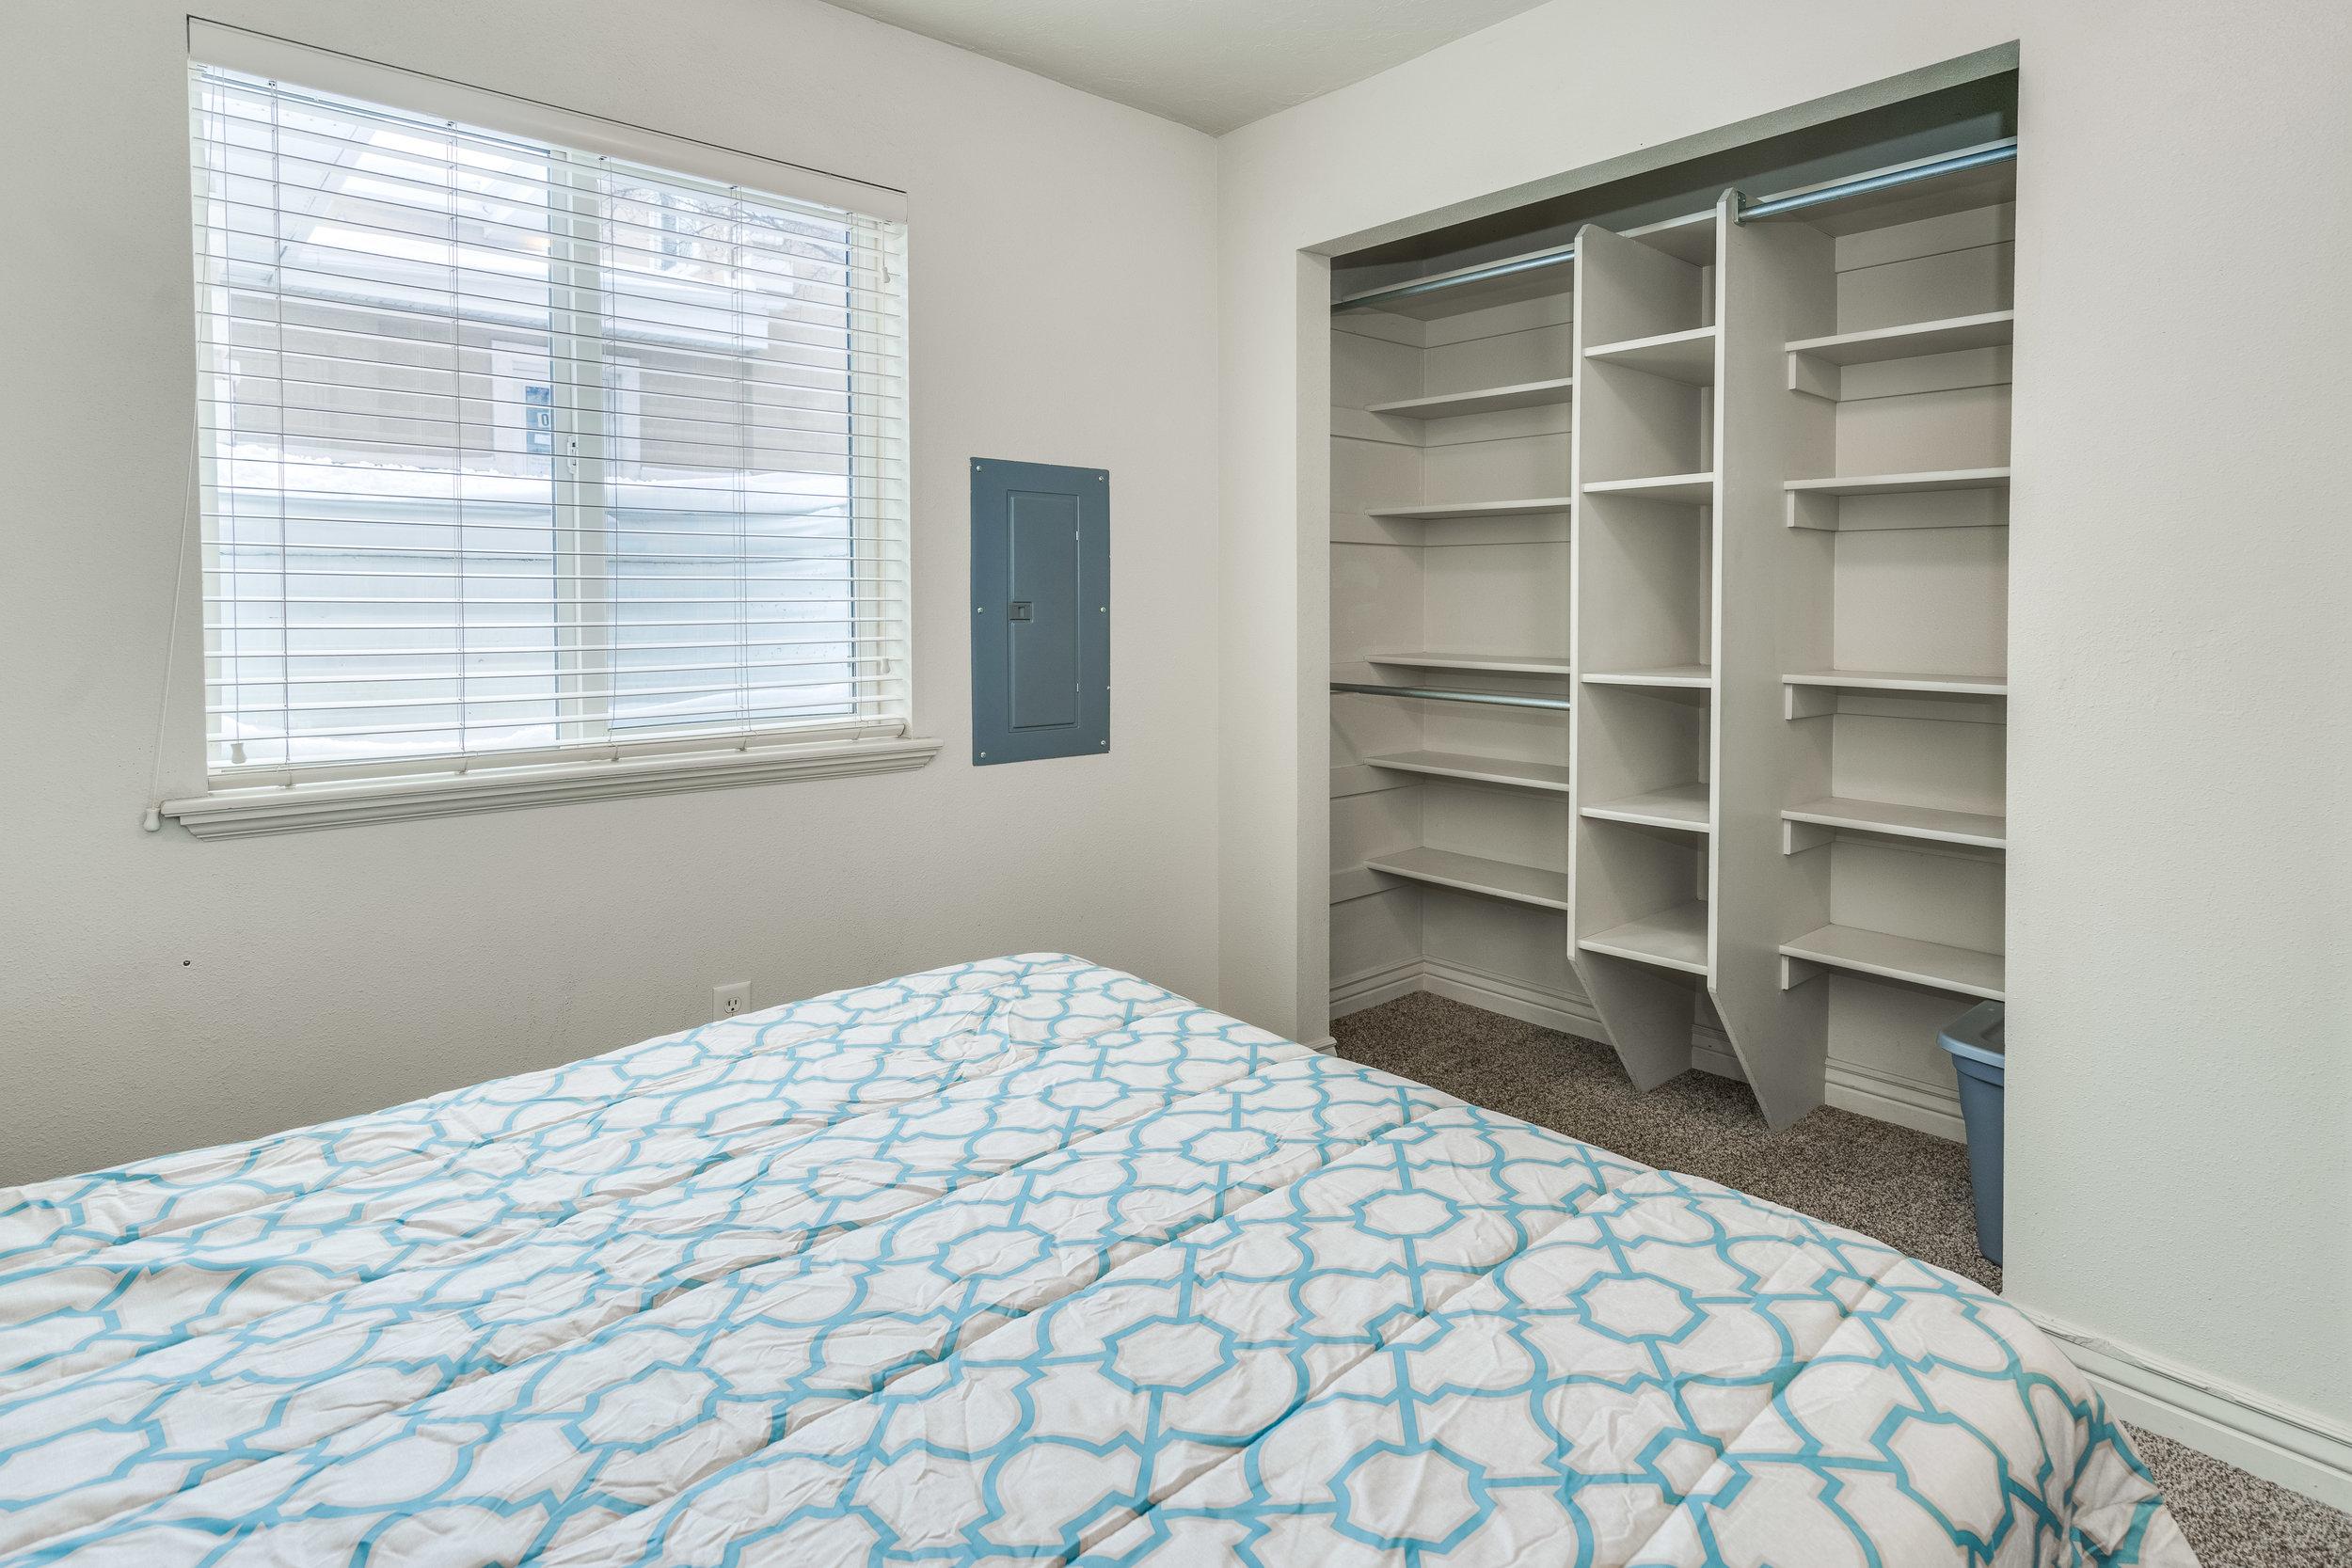 Plenty of extra storage in the bedroom closet.